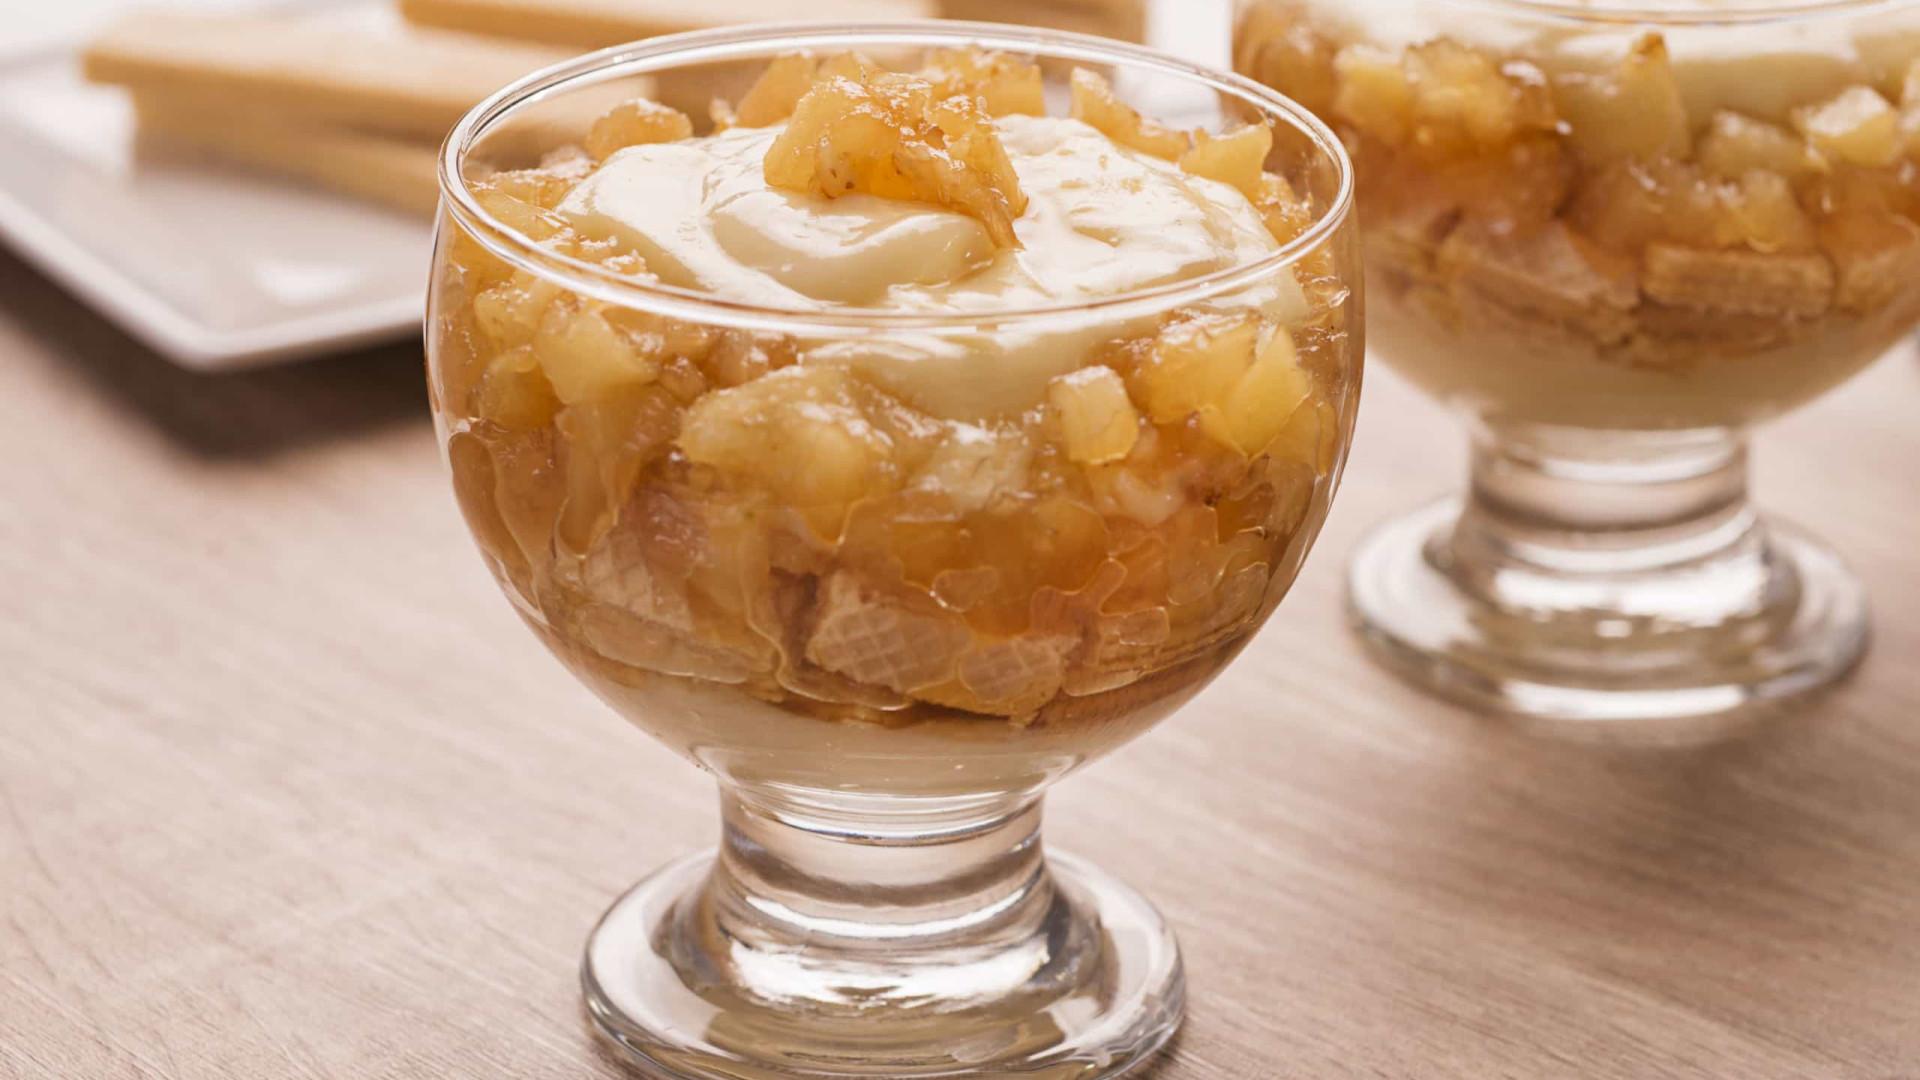 Sobremesa: Pavê de abacaxi com Biscoito Wafer